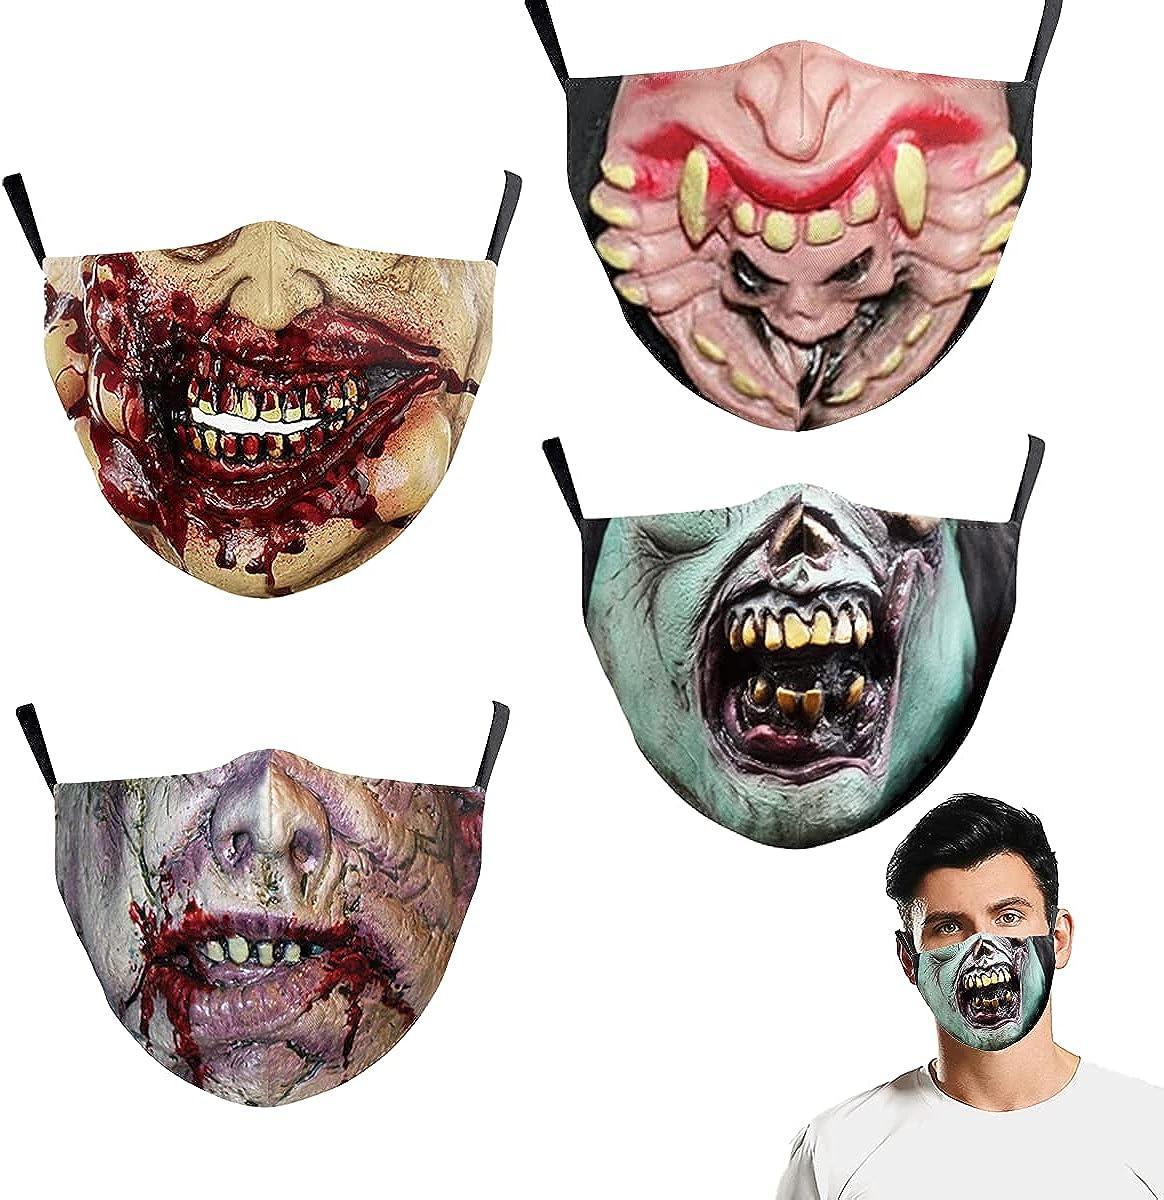 GazyShop: Máscara de protección, juego de 4 mascarillas para adultos, lavable, reutilizables, 10 elementos filtrantes reemplazables, máscara diaria, carnaval, fiesta temática, ciclismo y disfraces.